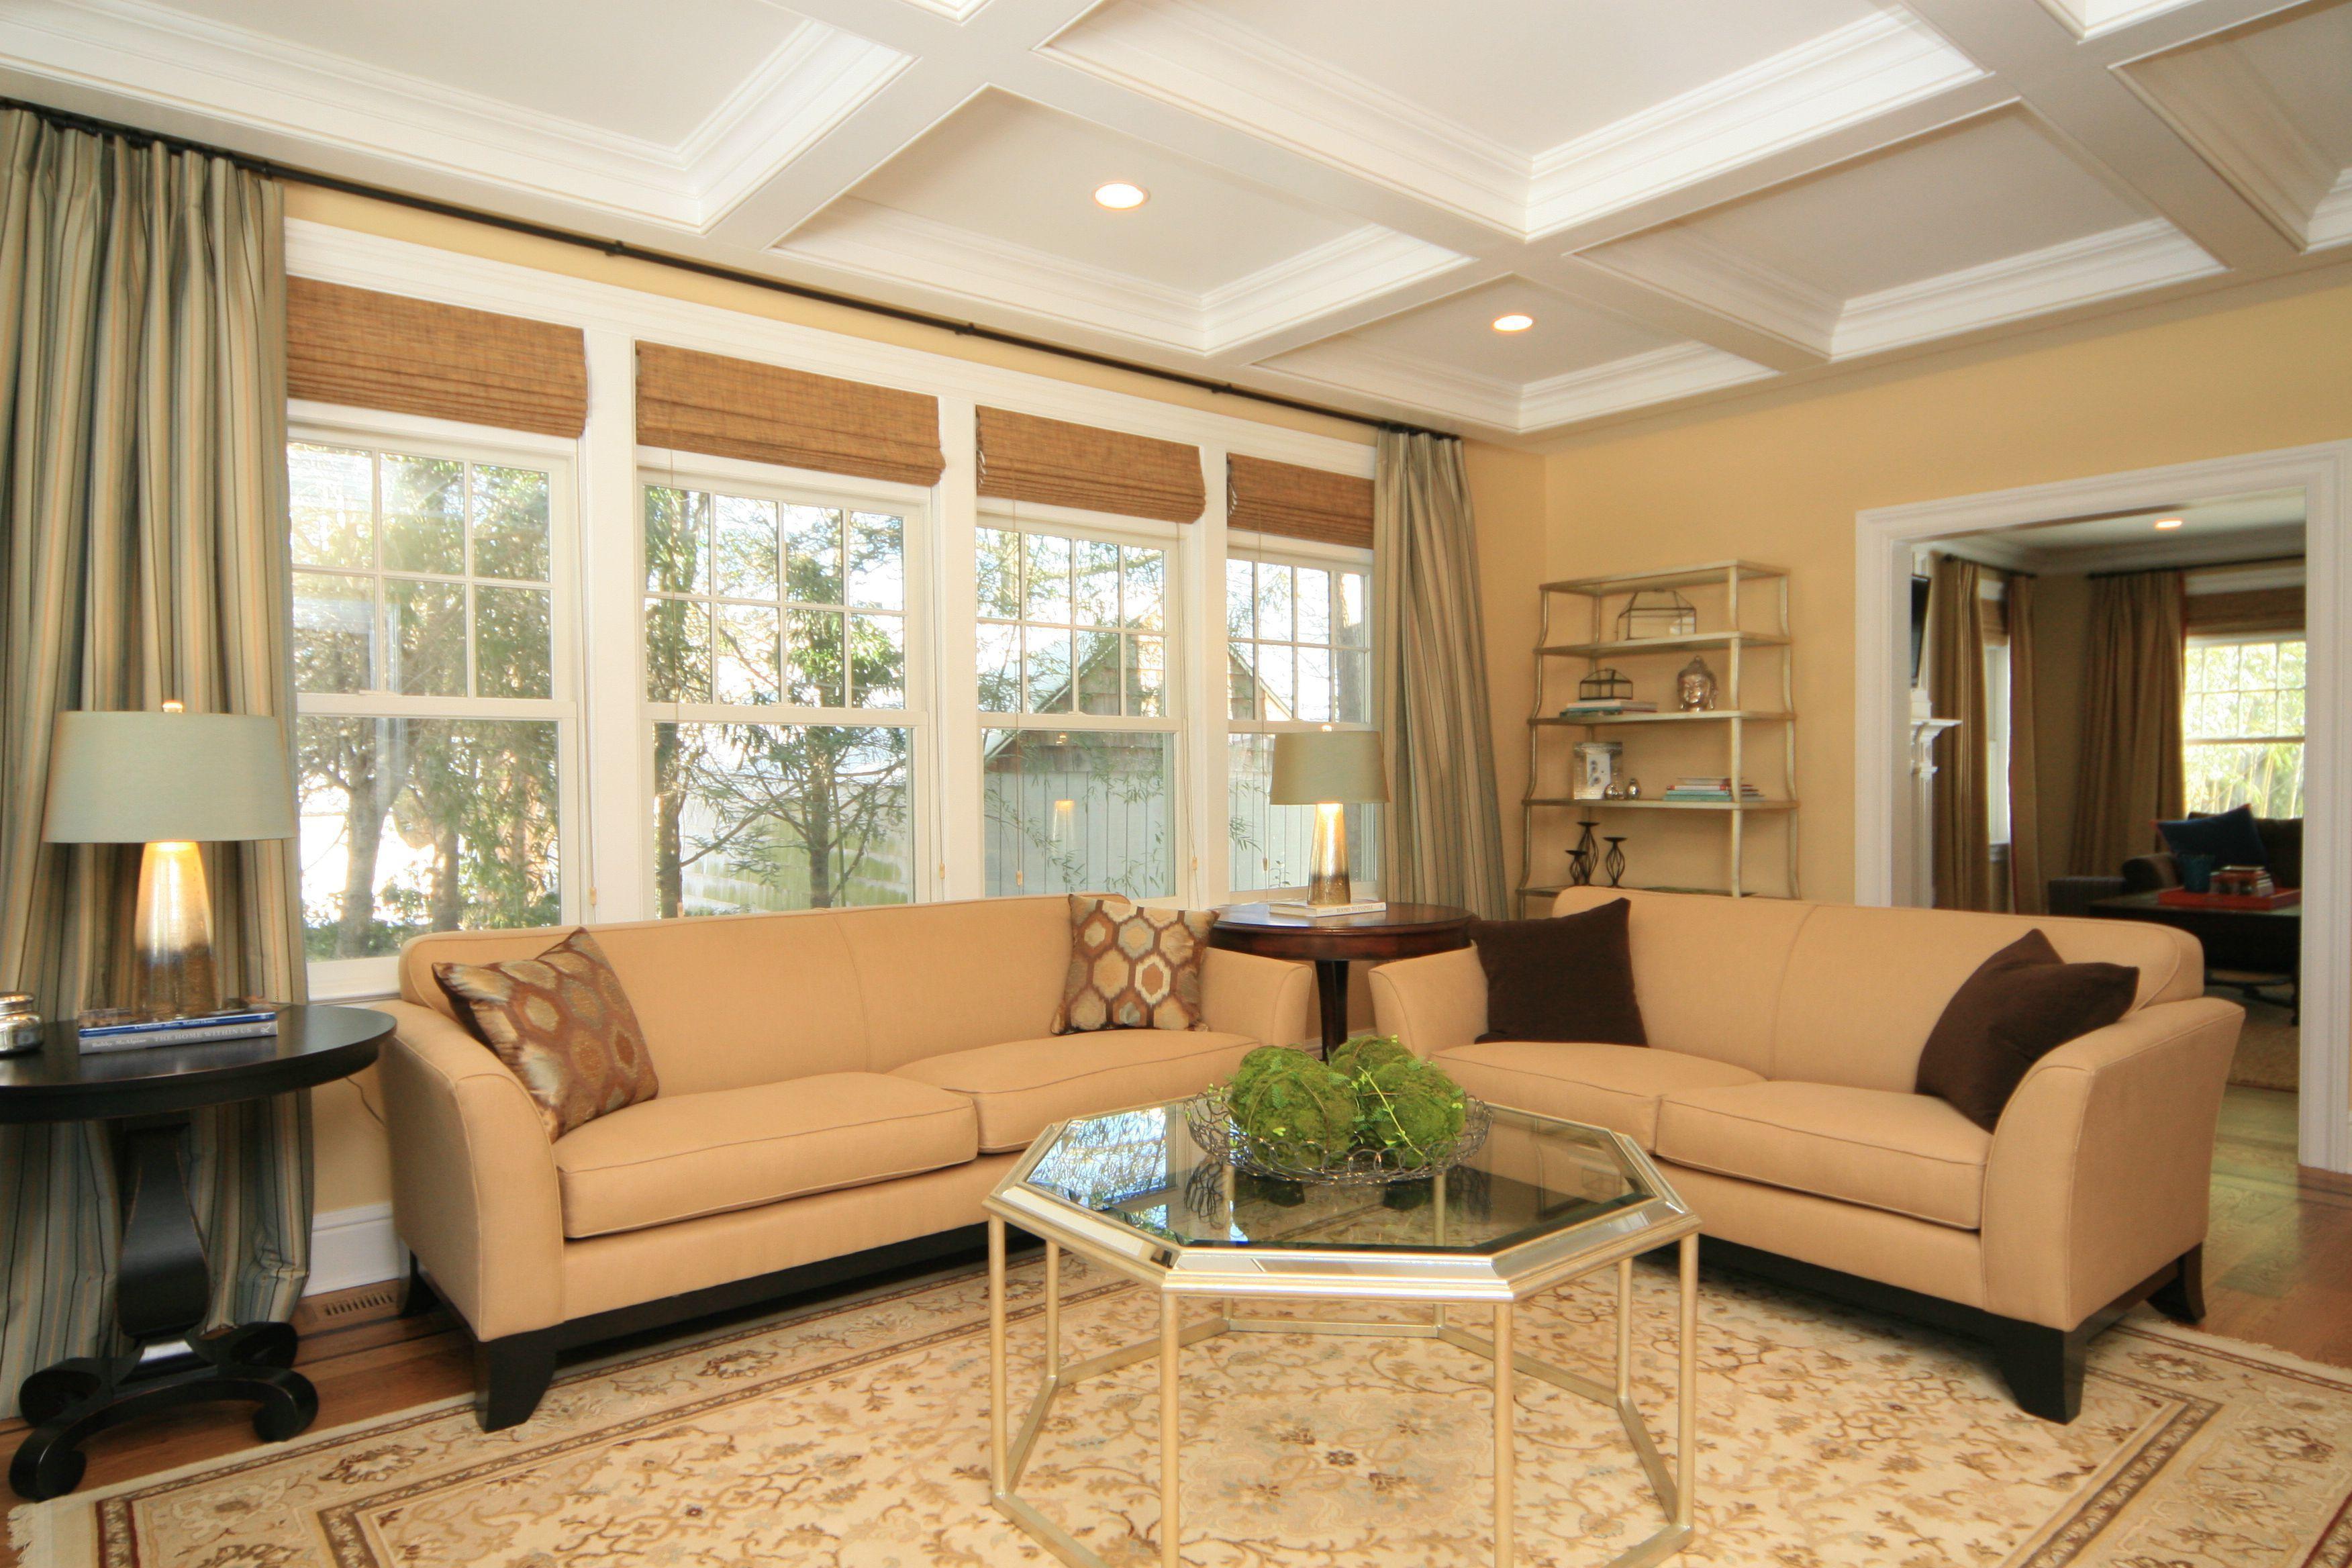 rectangle furniture setup for   living room